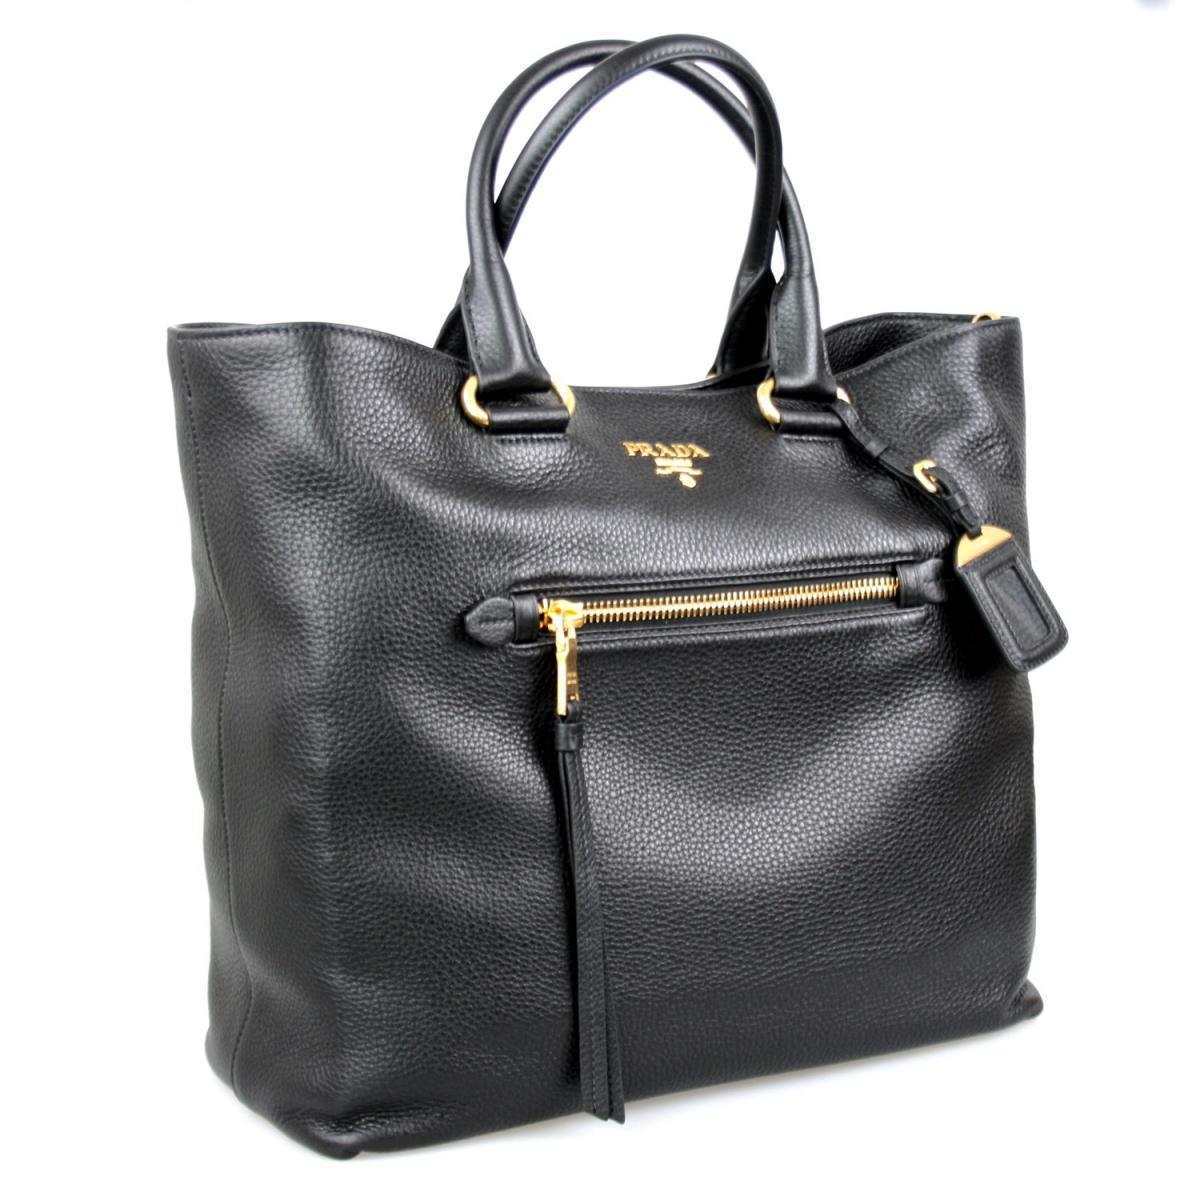 1c3e5e94b3f6e AUTHENTIC LUXURY PRADA BAG SHOPPER HANDBAG BN2754 BLACK NEW ...